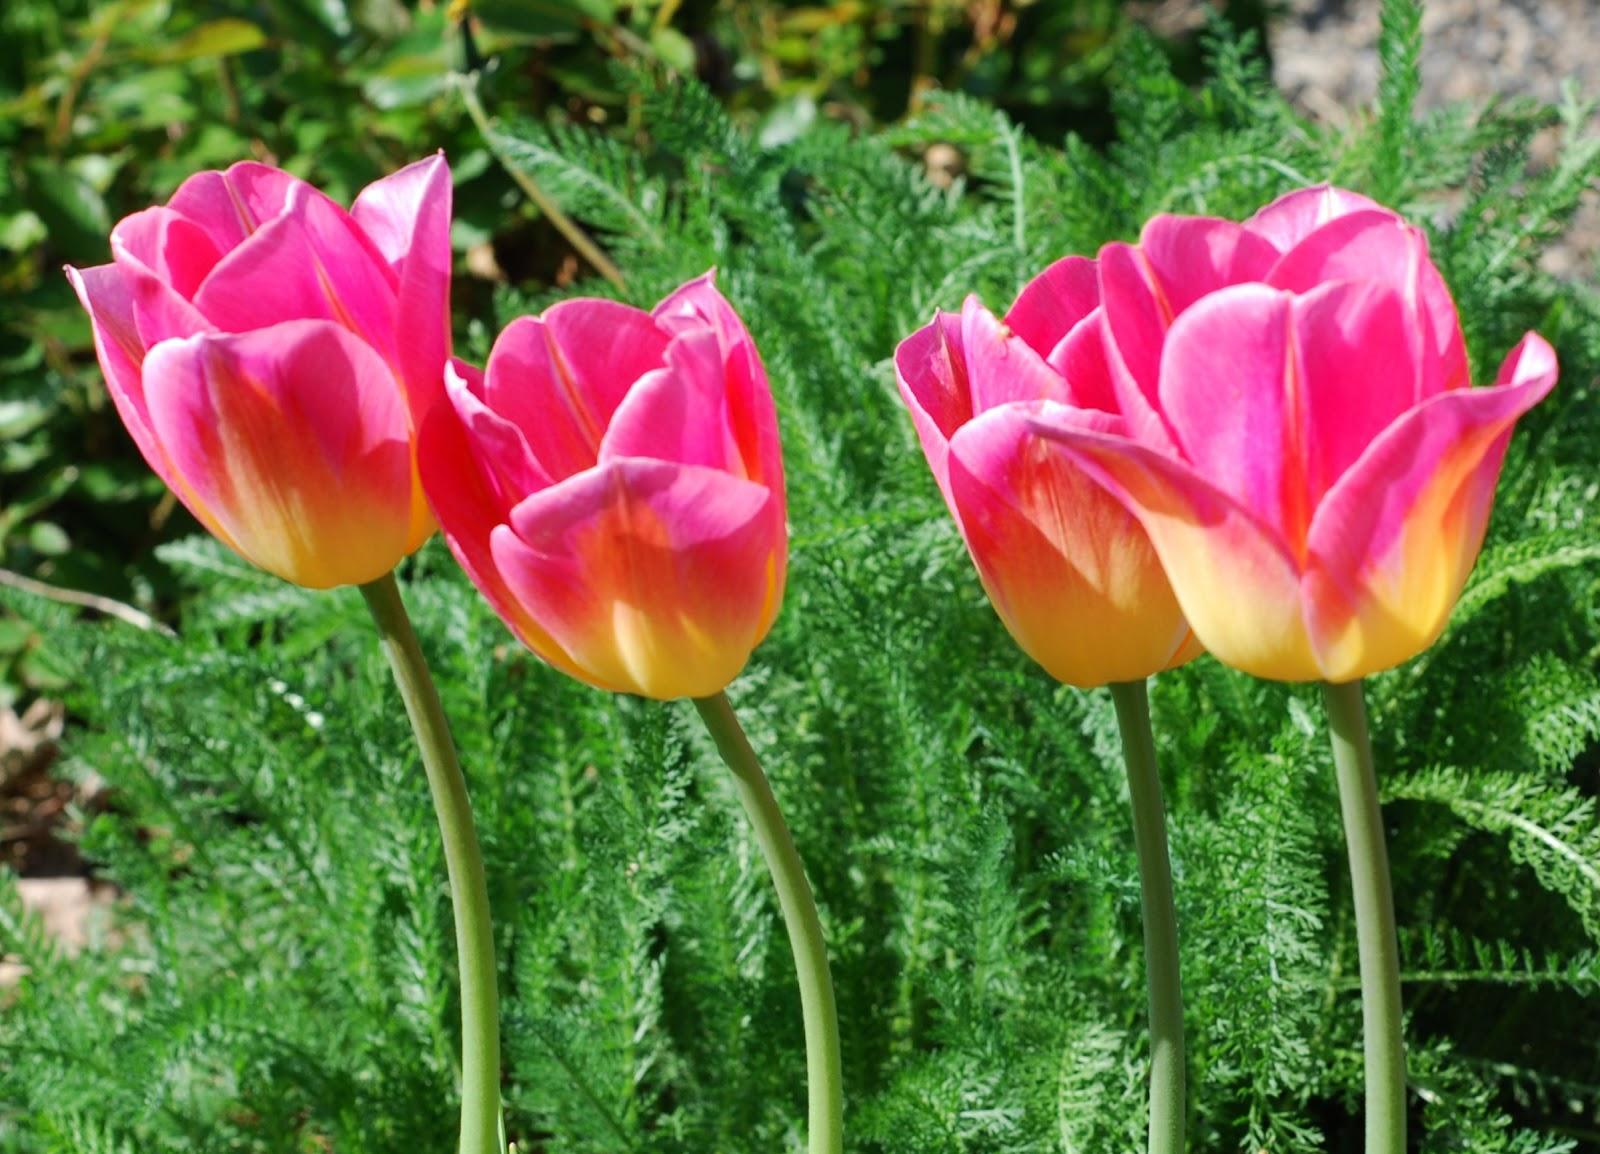 Types Of Pink Flowers 17 Background Hdflowerwallpaper